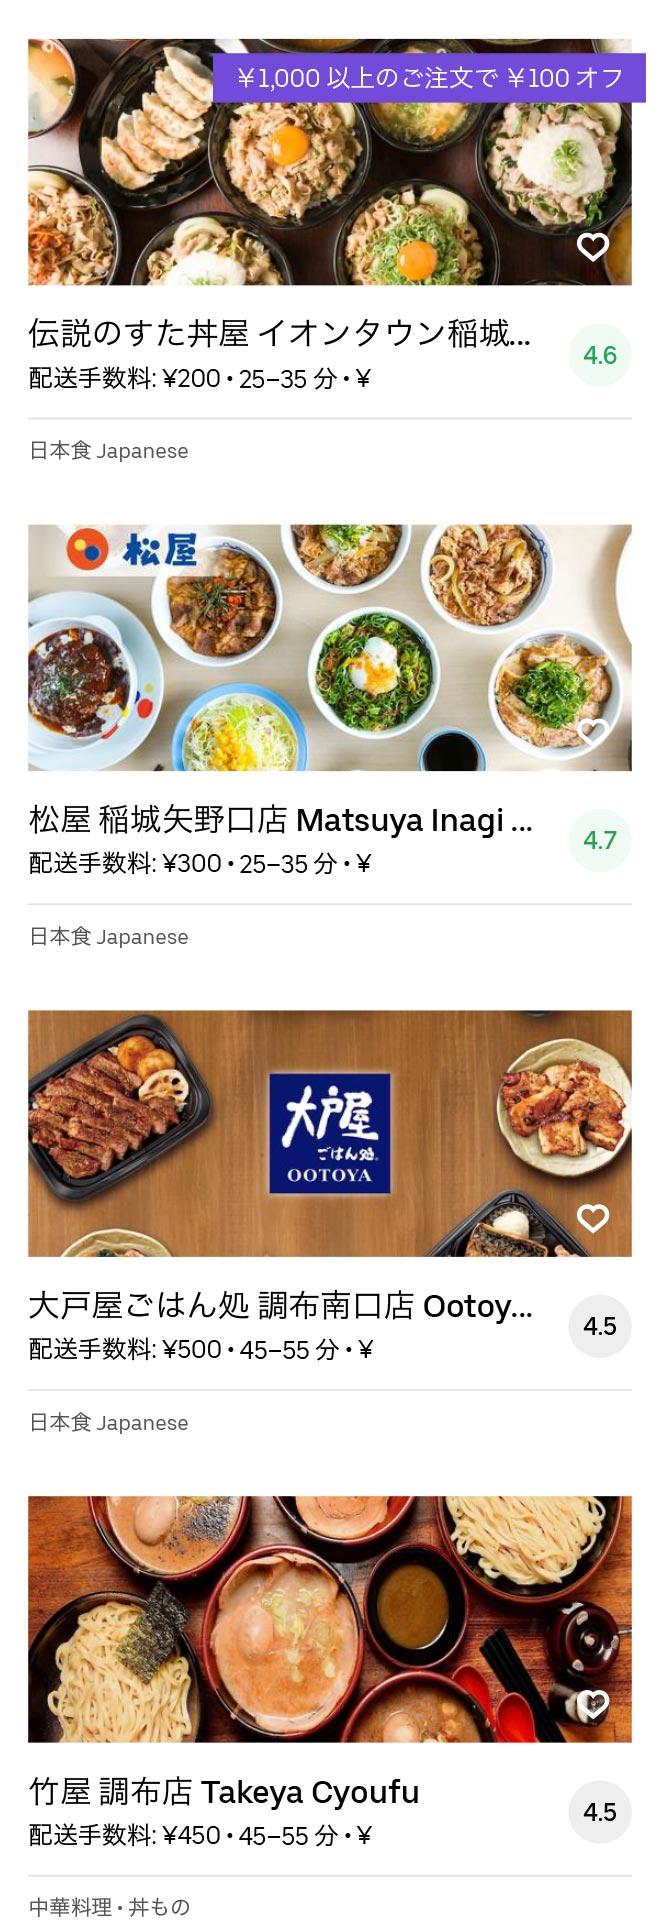 Inagi menu 2007 03